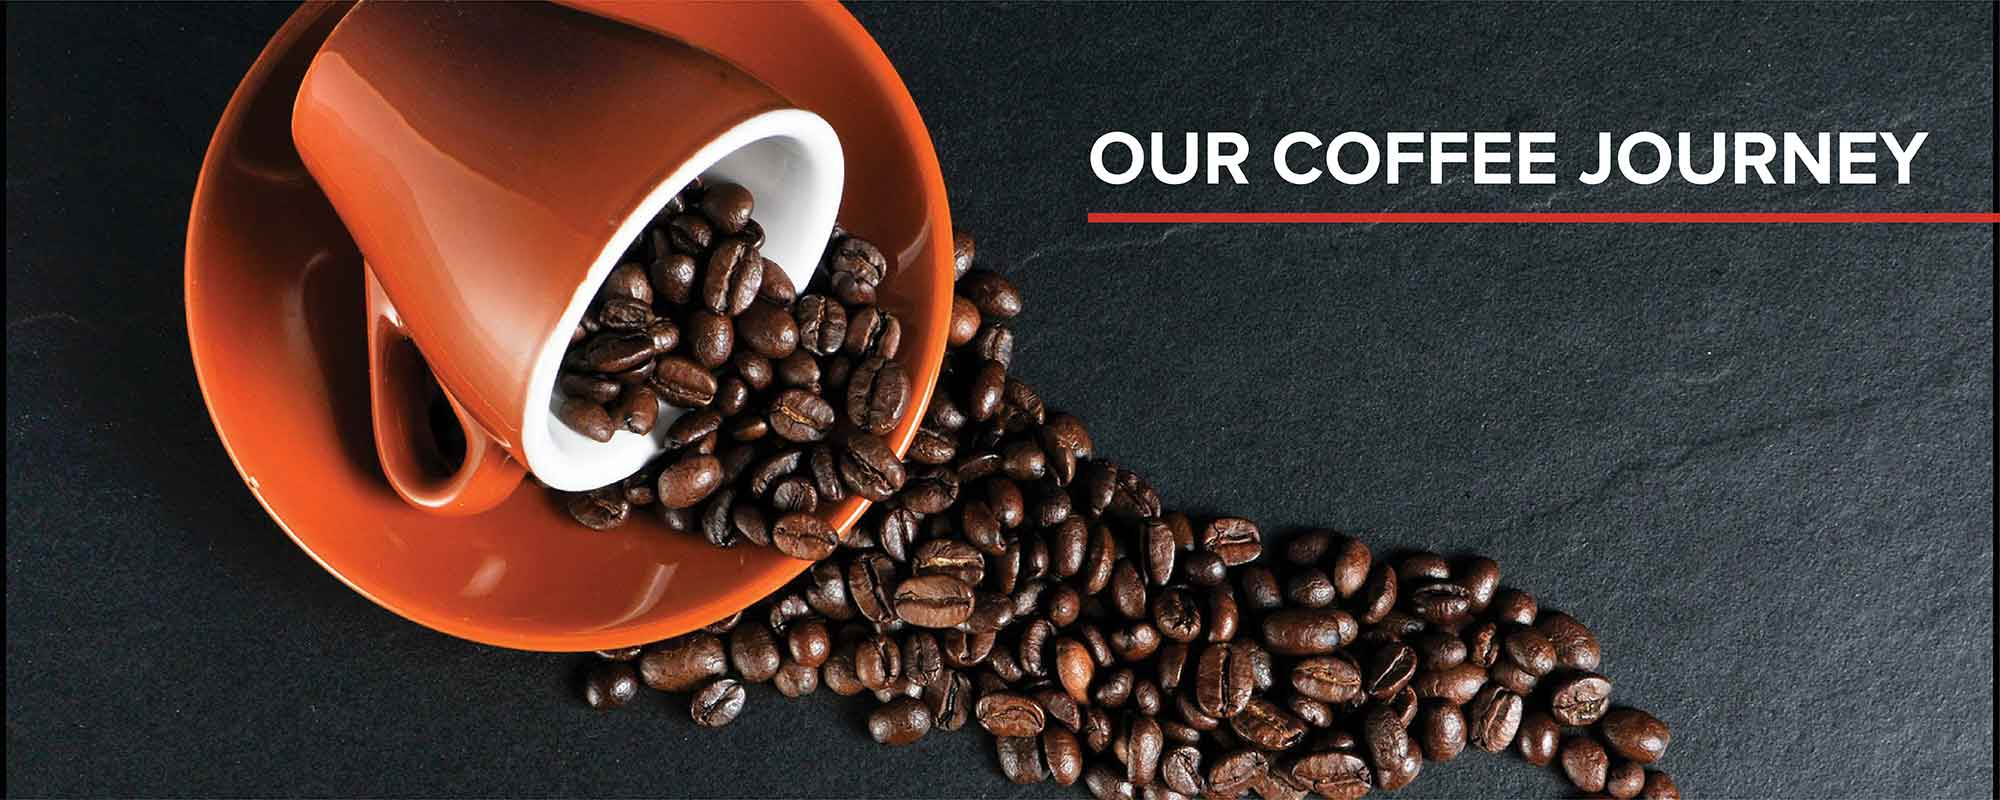 Our Coffee Journey An Adventure Of Faith West Coast